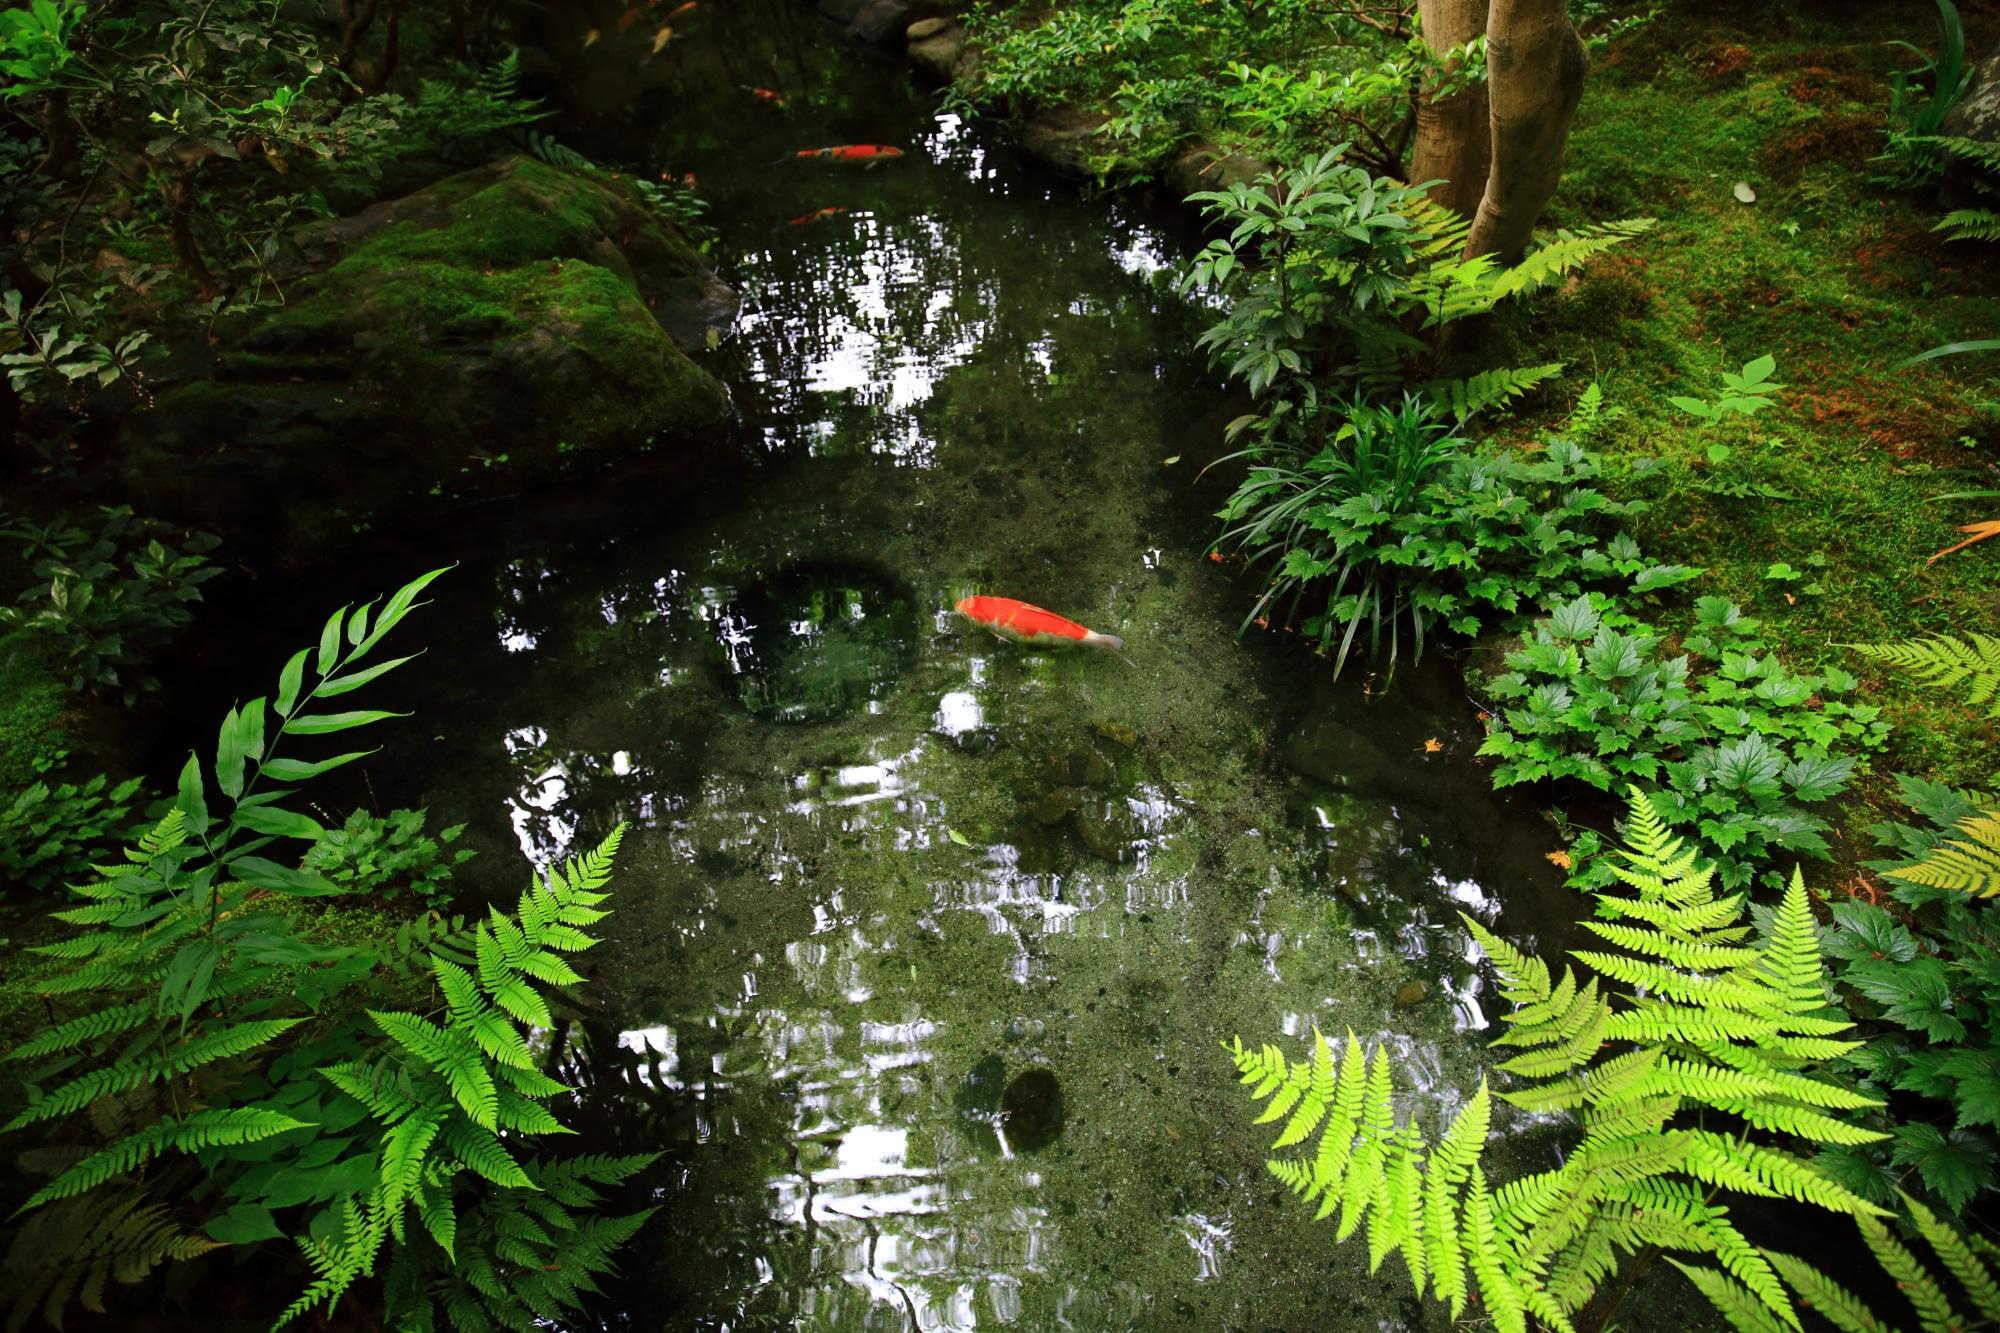 八瀬瑠璃光院の玄関前の美しい池と鯉